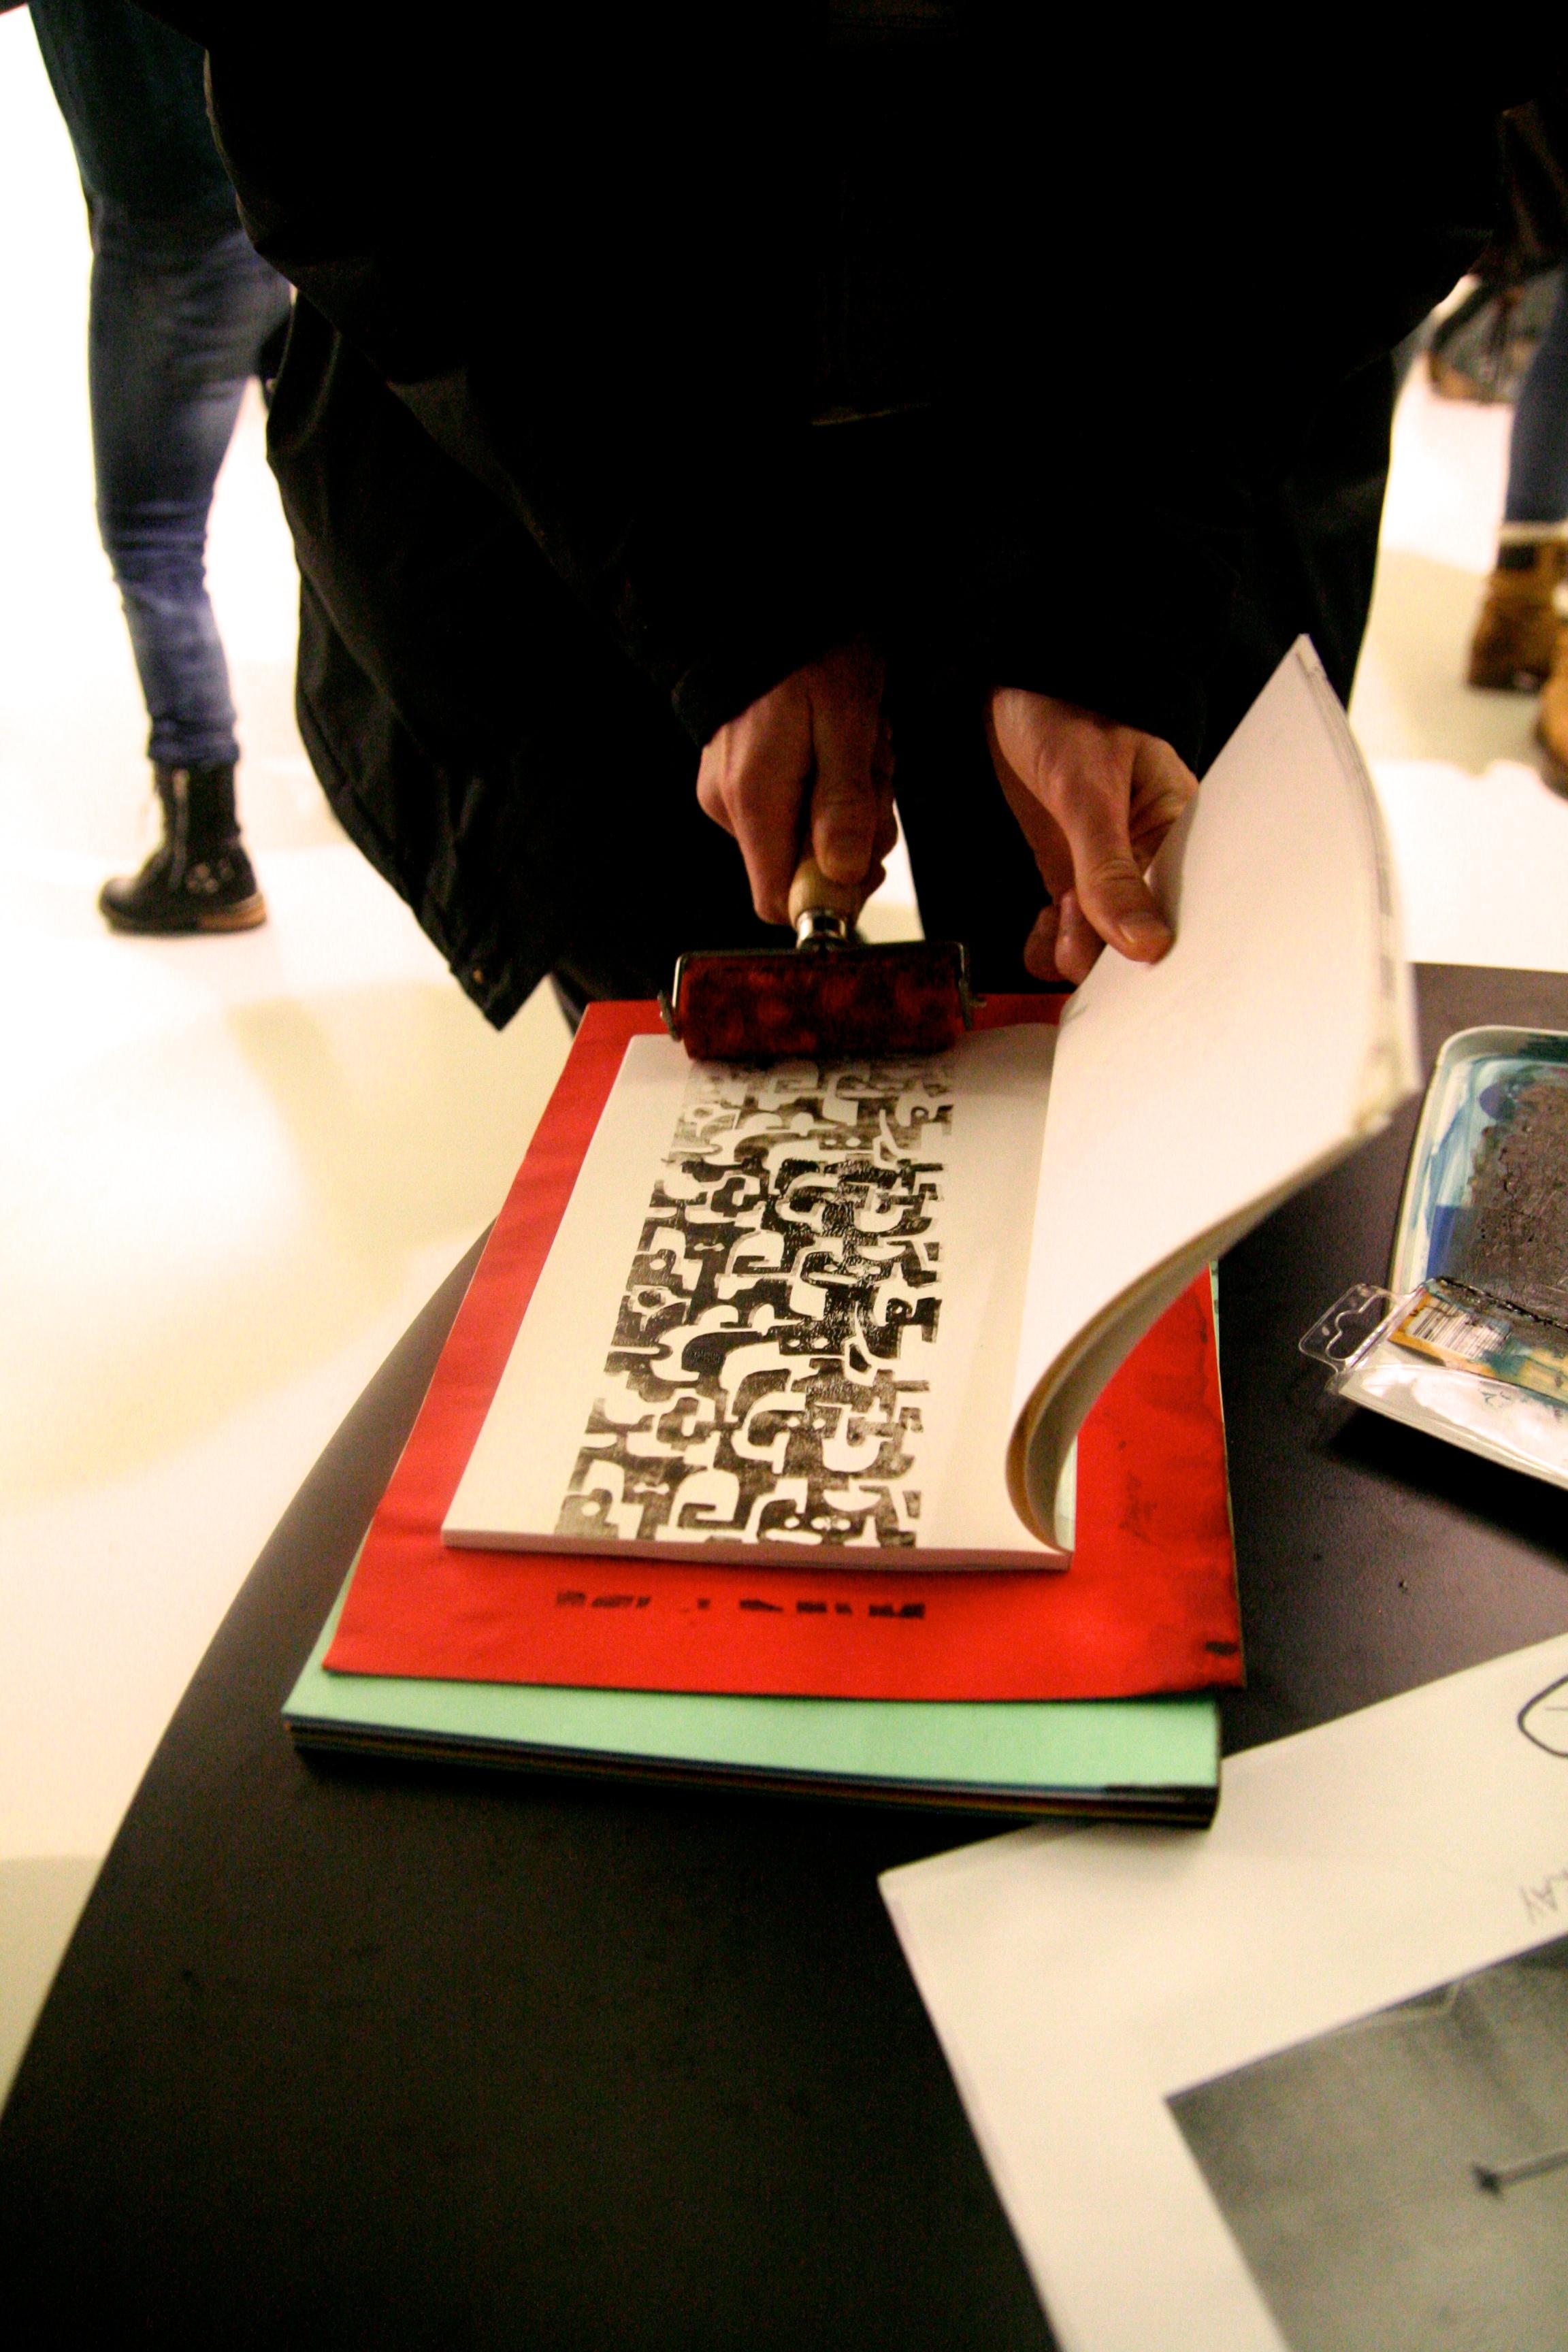 Bildet viser Zen som bruker malingrullen i en bok i anledning utstillingen Legal. Vi vet ikke hva noen av kunstnerne har planlagt til spesialutgavene, så bildet er kun til illustrasjon.